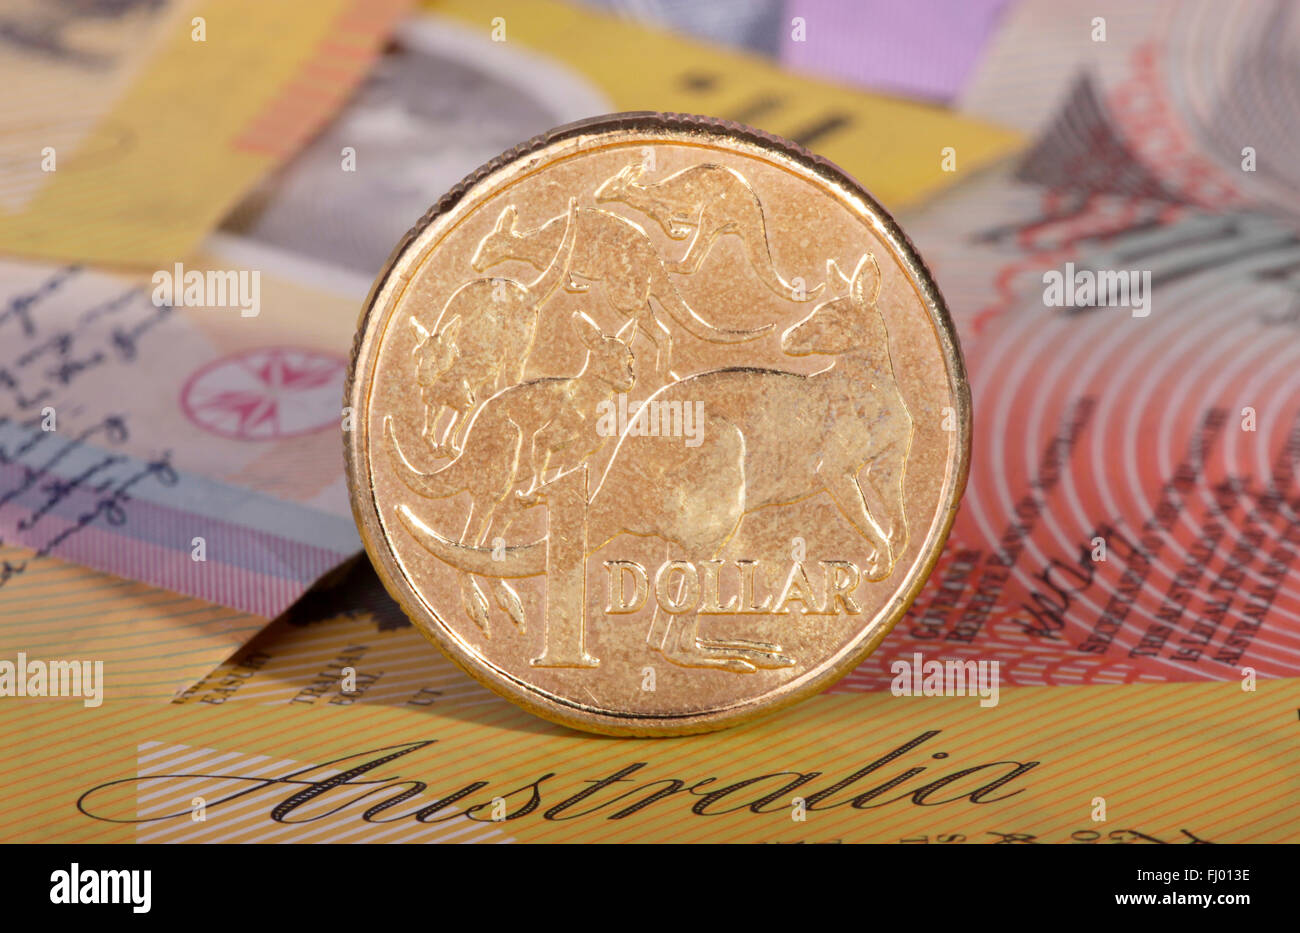 Eine Australische Dollar Münze Mit Einem Hintergrund Von